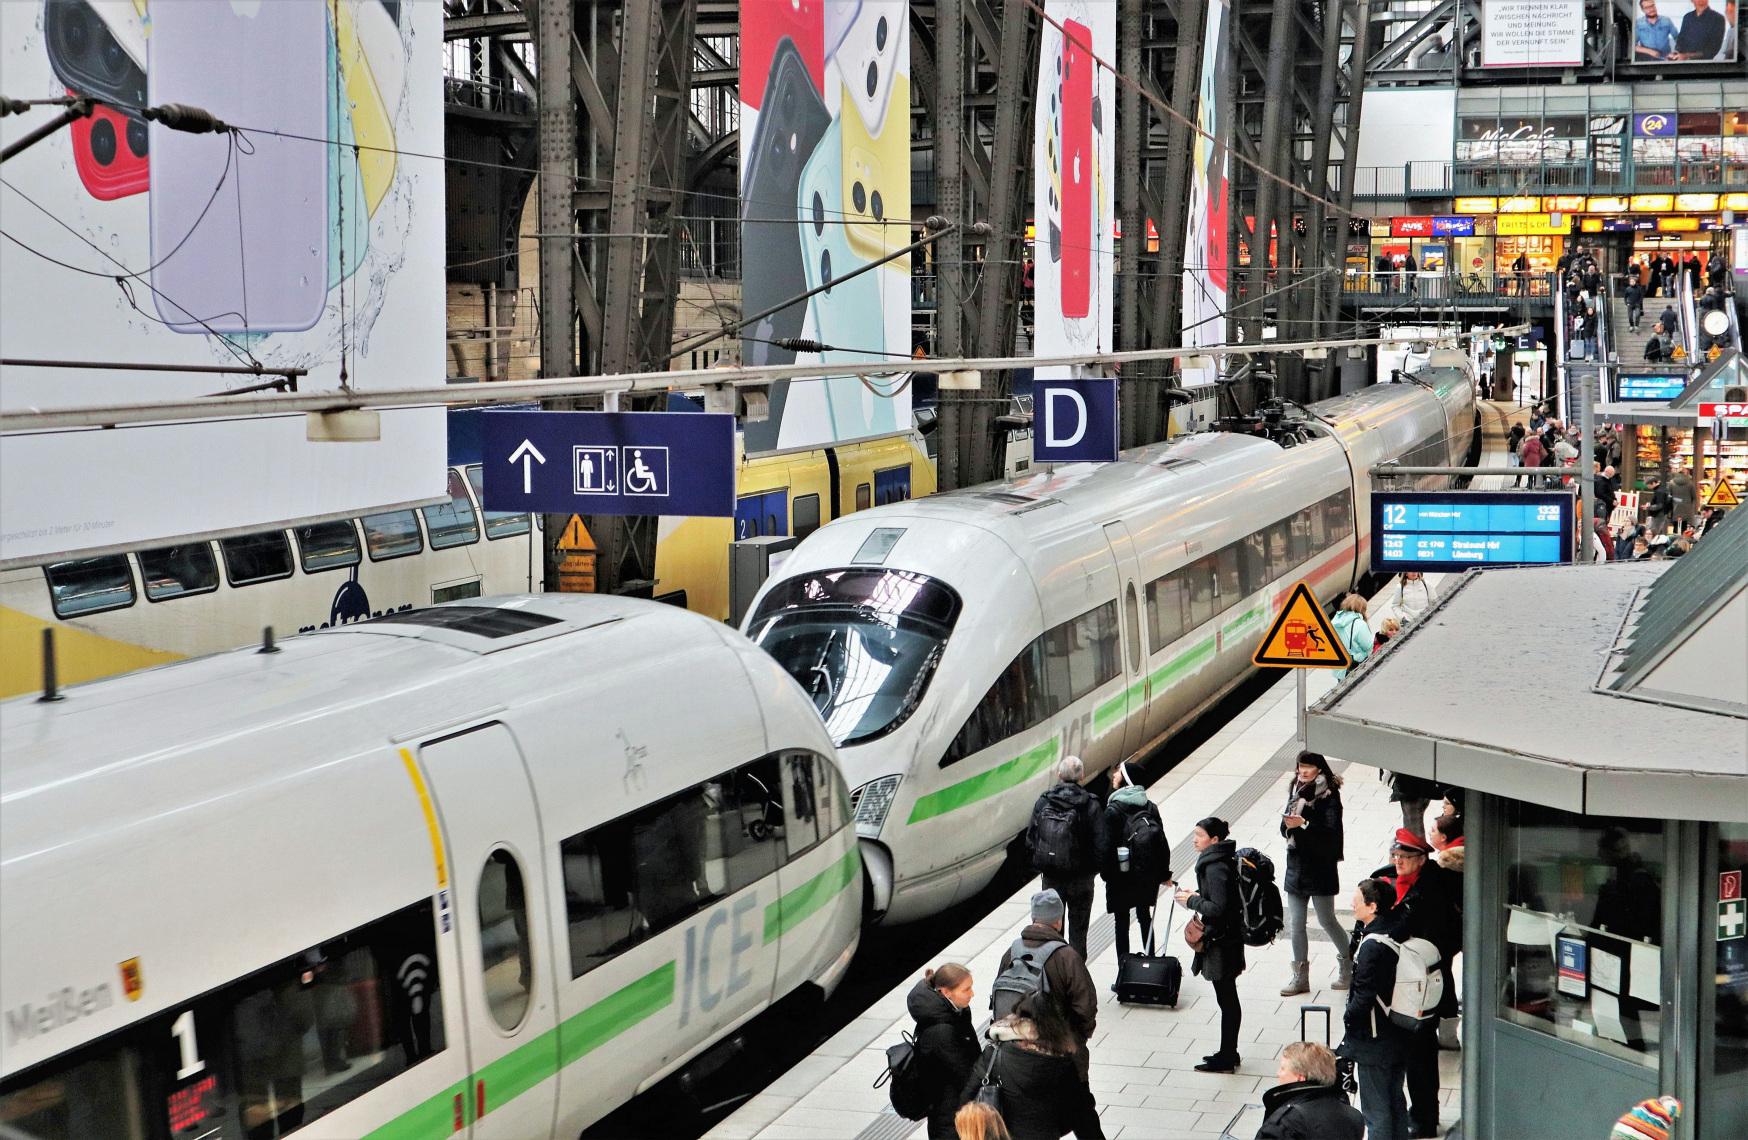 Regeringen vil koble sig på de svenske planer om nattog gennem Danmark til Hamborg og Bruxelles. Arkivpressefoto fra Hamburg Hauptbahnhof, Wolfgang Klee for Deutsche Bahn.